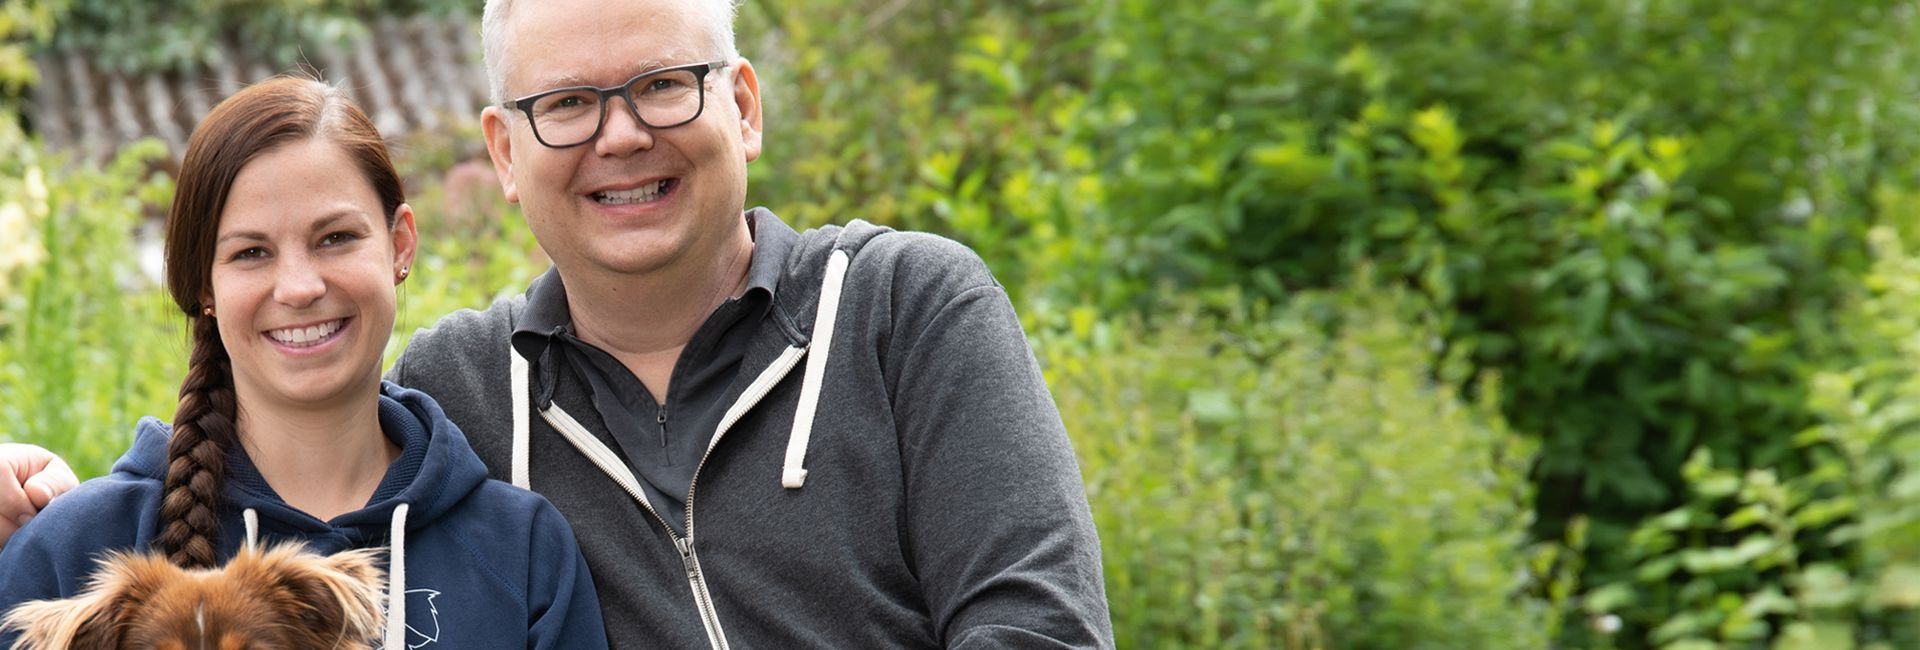 Entdecke Carstens Erfolgsgeschichte...